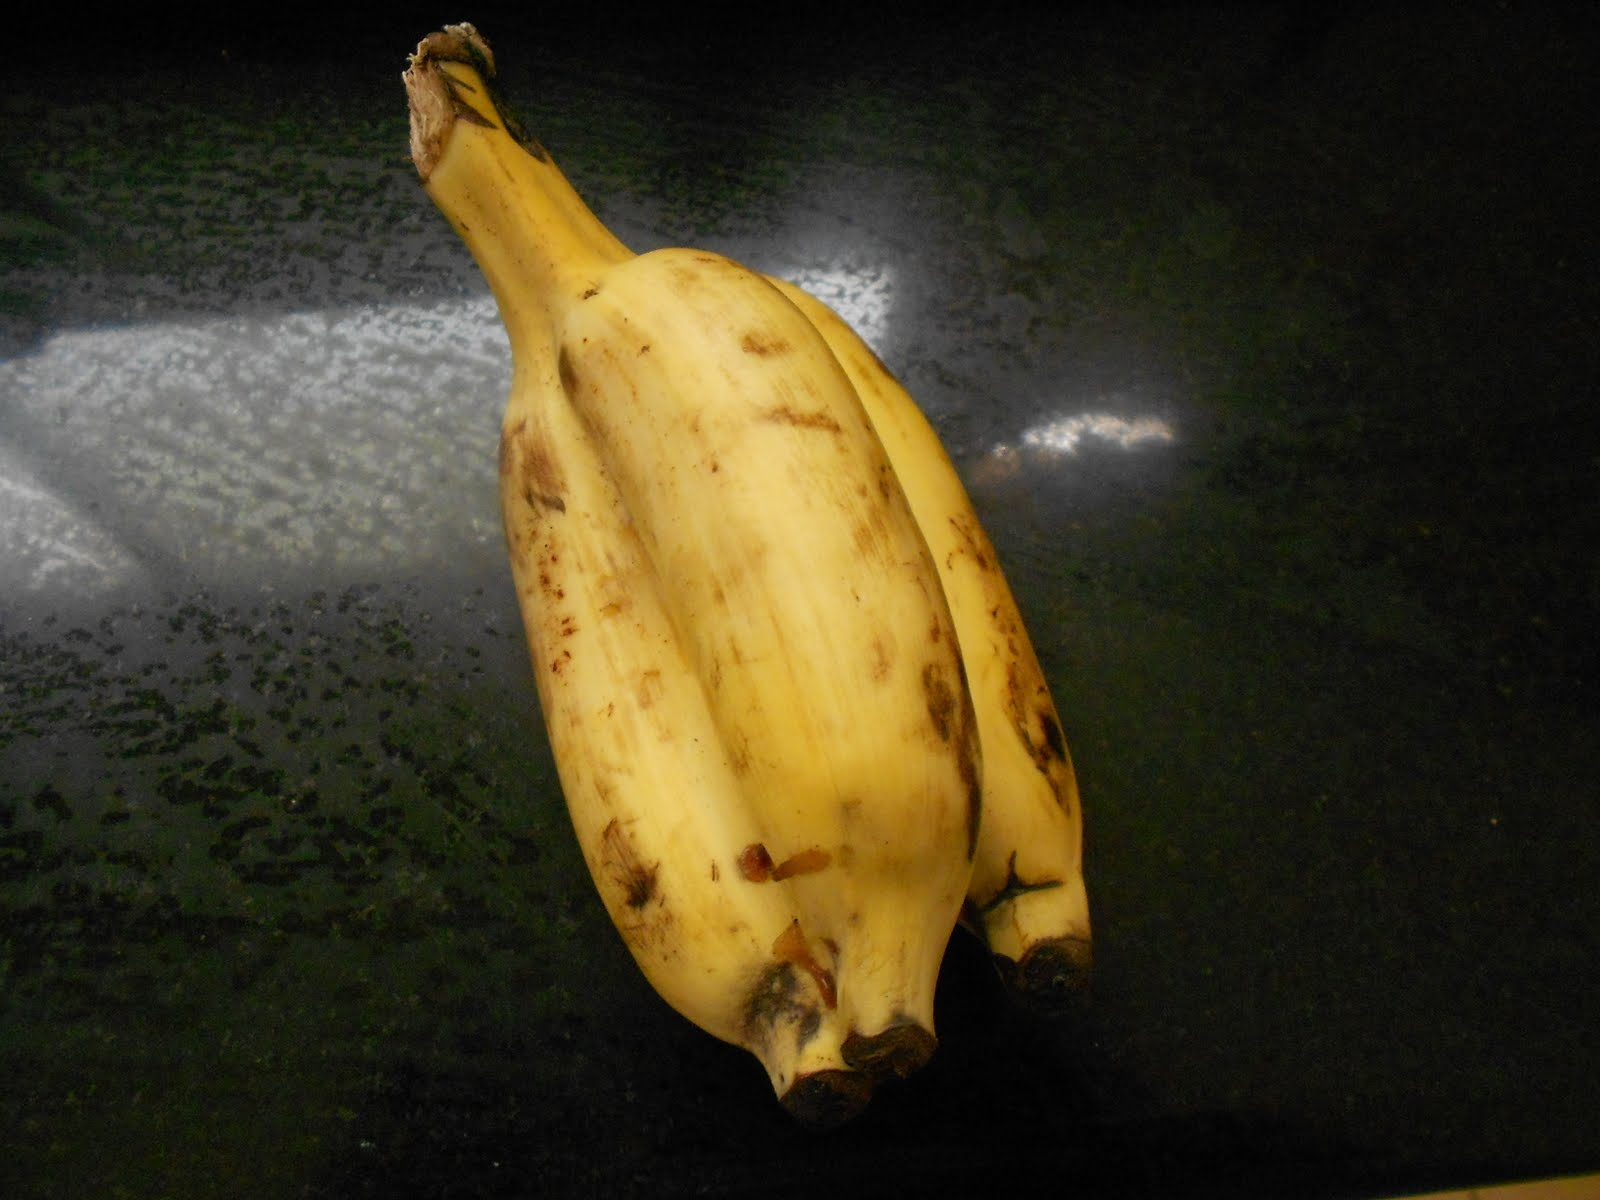 Who is useful banana bath 48